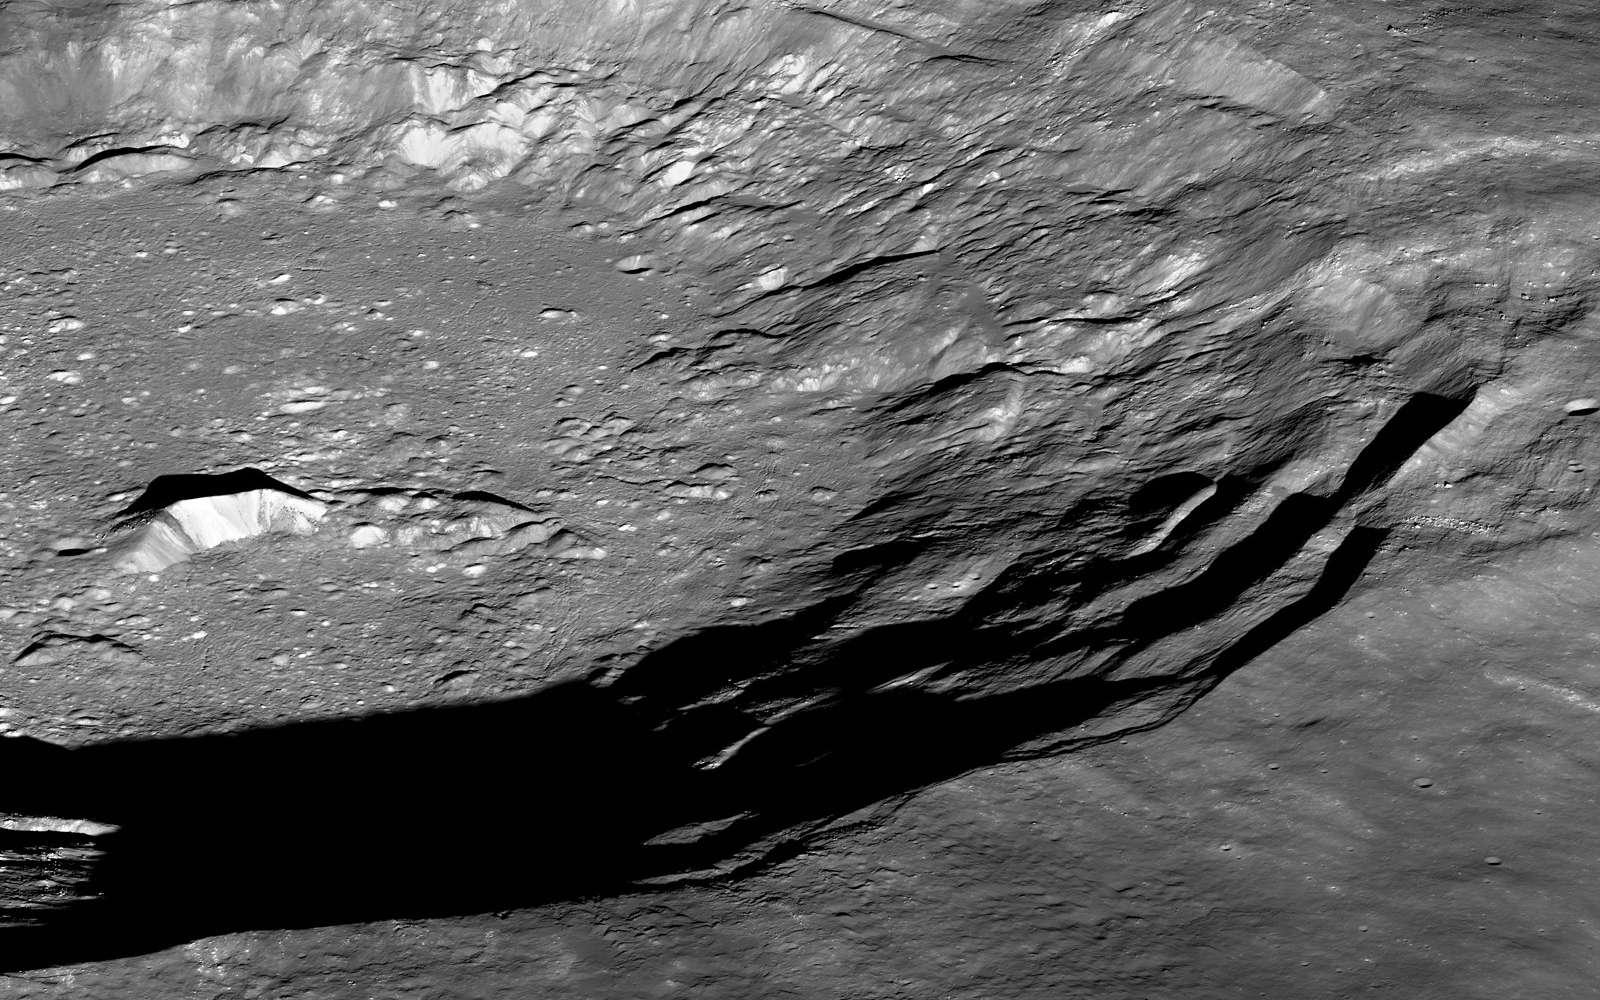 Le cratère lunaire Aristarque photographié une nouvelle fois en juillet 2012 par la sonde LRO. Son premier survol datait de novembre 2011. © Nasa, GSFC, Arizona State University